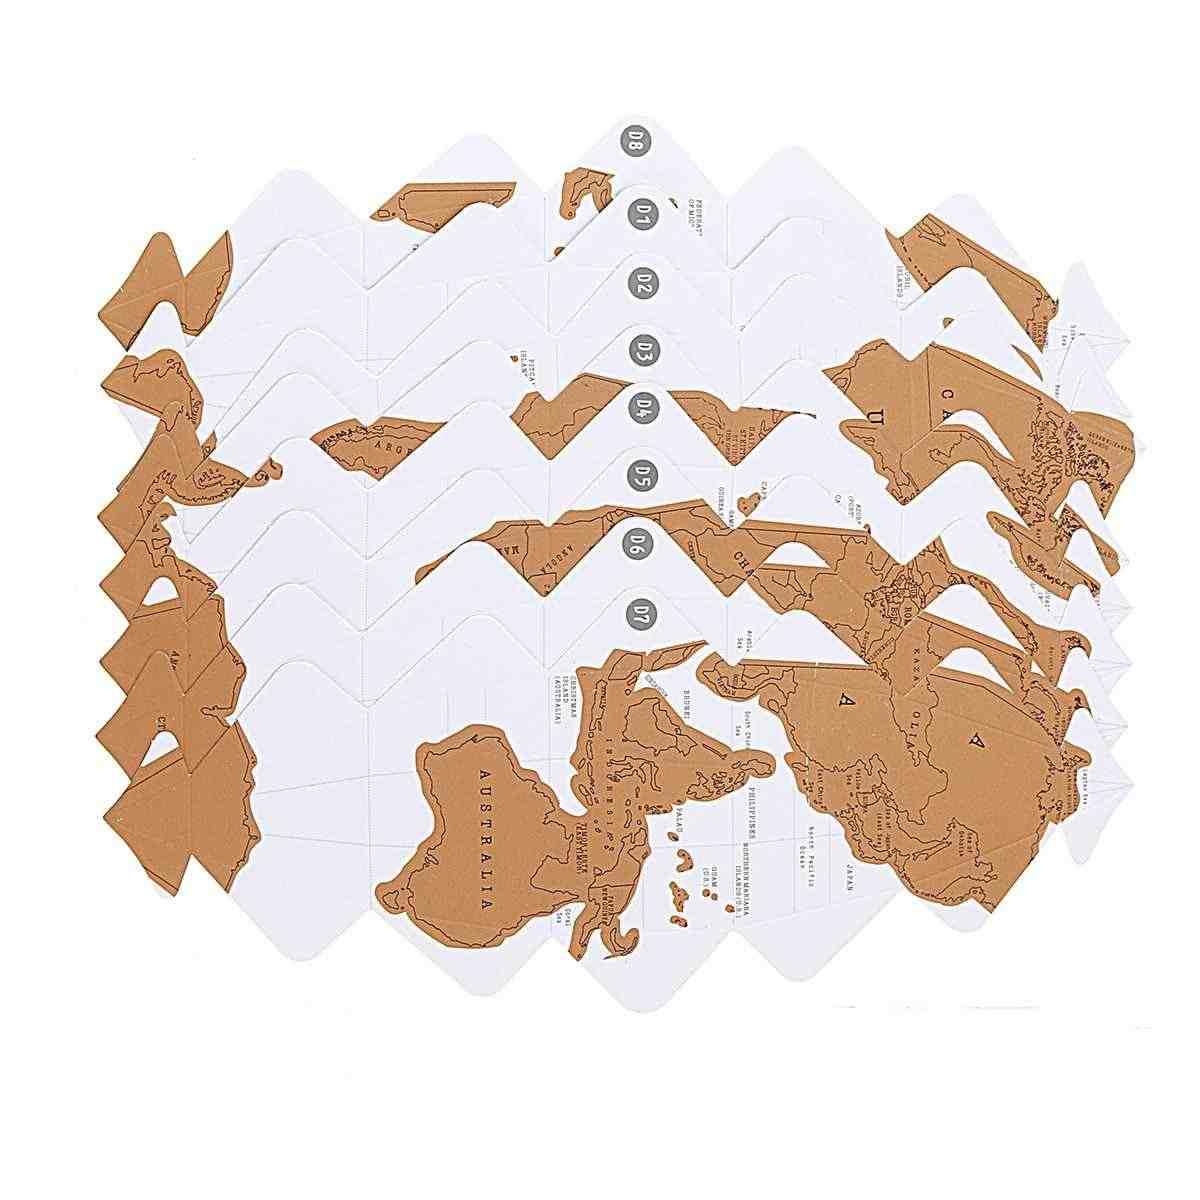 DIY скретч Глобус 3D стерео сборка глобус Карта мира путешествия малыш детская игрушка подарок